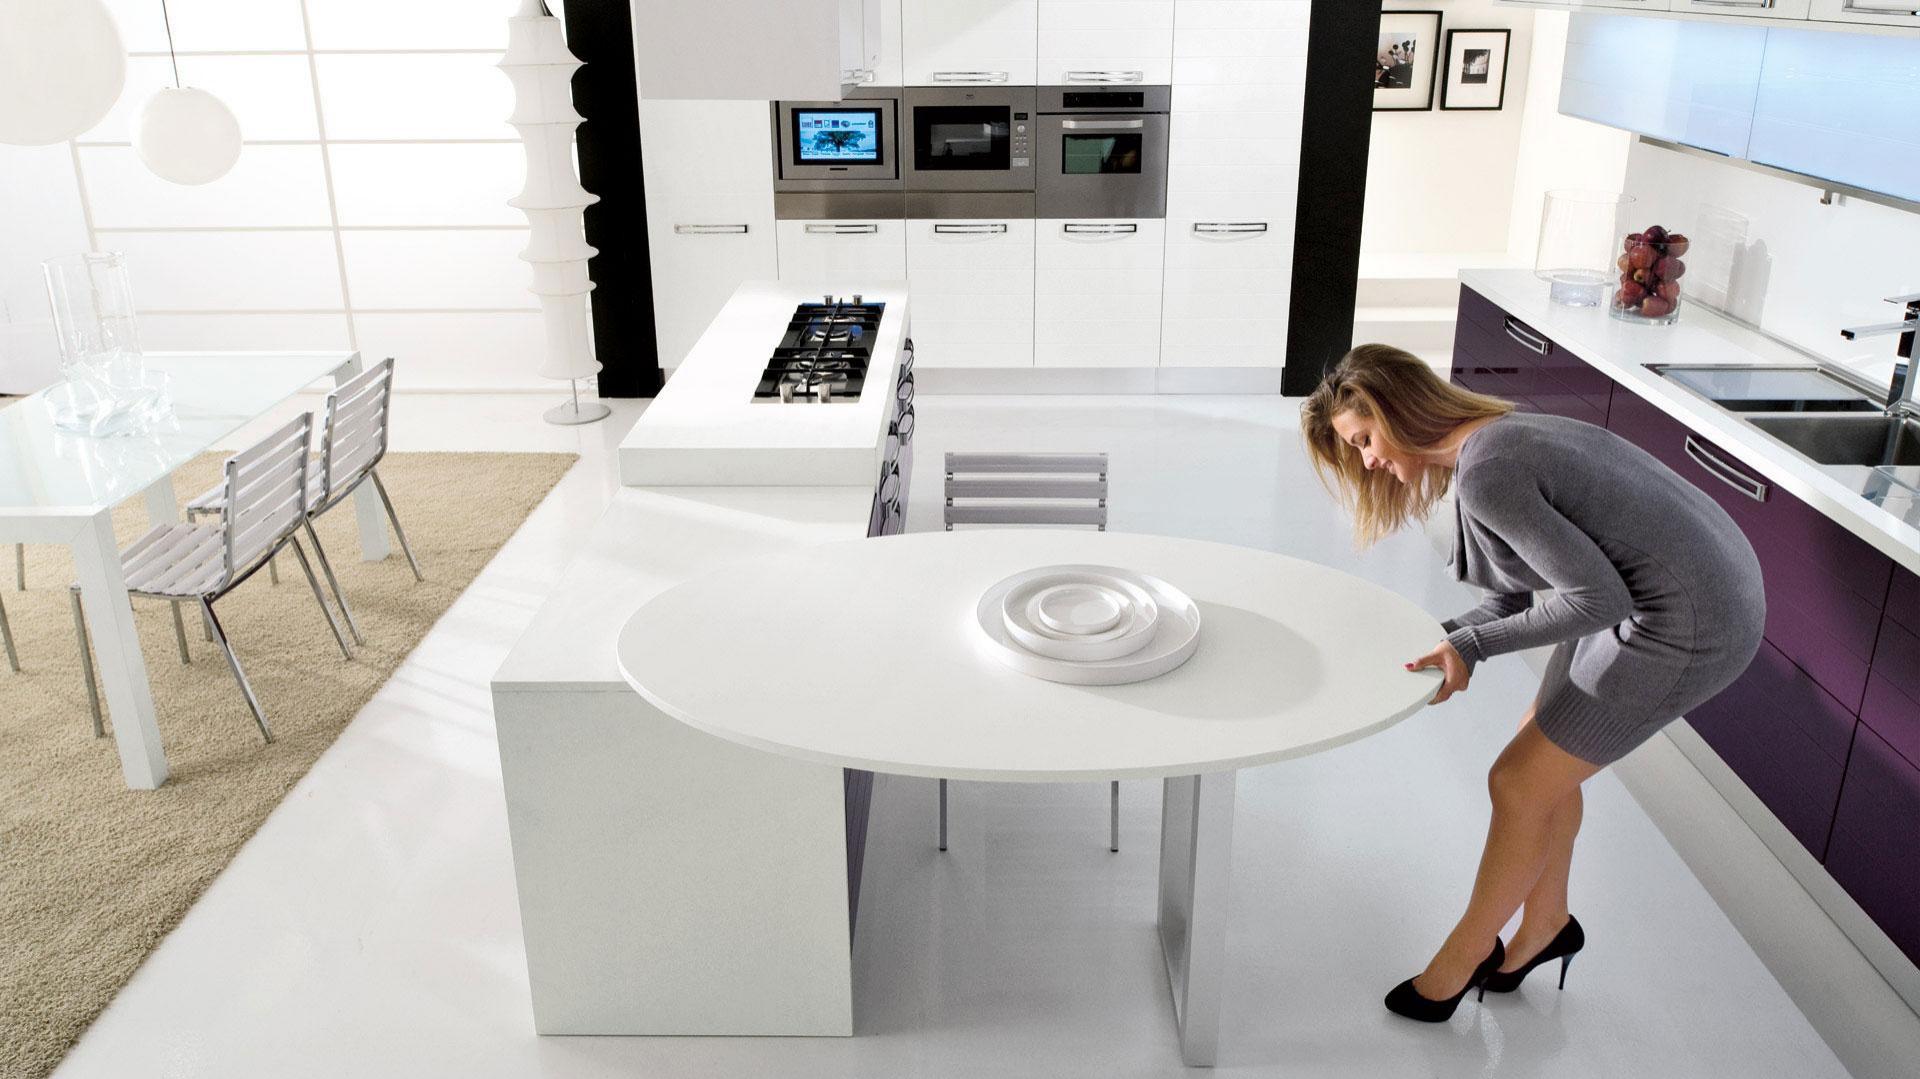 Kolorowa kuchnia, kształtem zbliżona do kwadratu, w wersji z ażurowym stolikiem. Jest bardzo funkcjonalna ponieważ ustawienie stolika można regulować. Fot. Lube Cucine